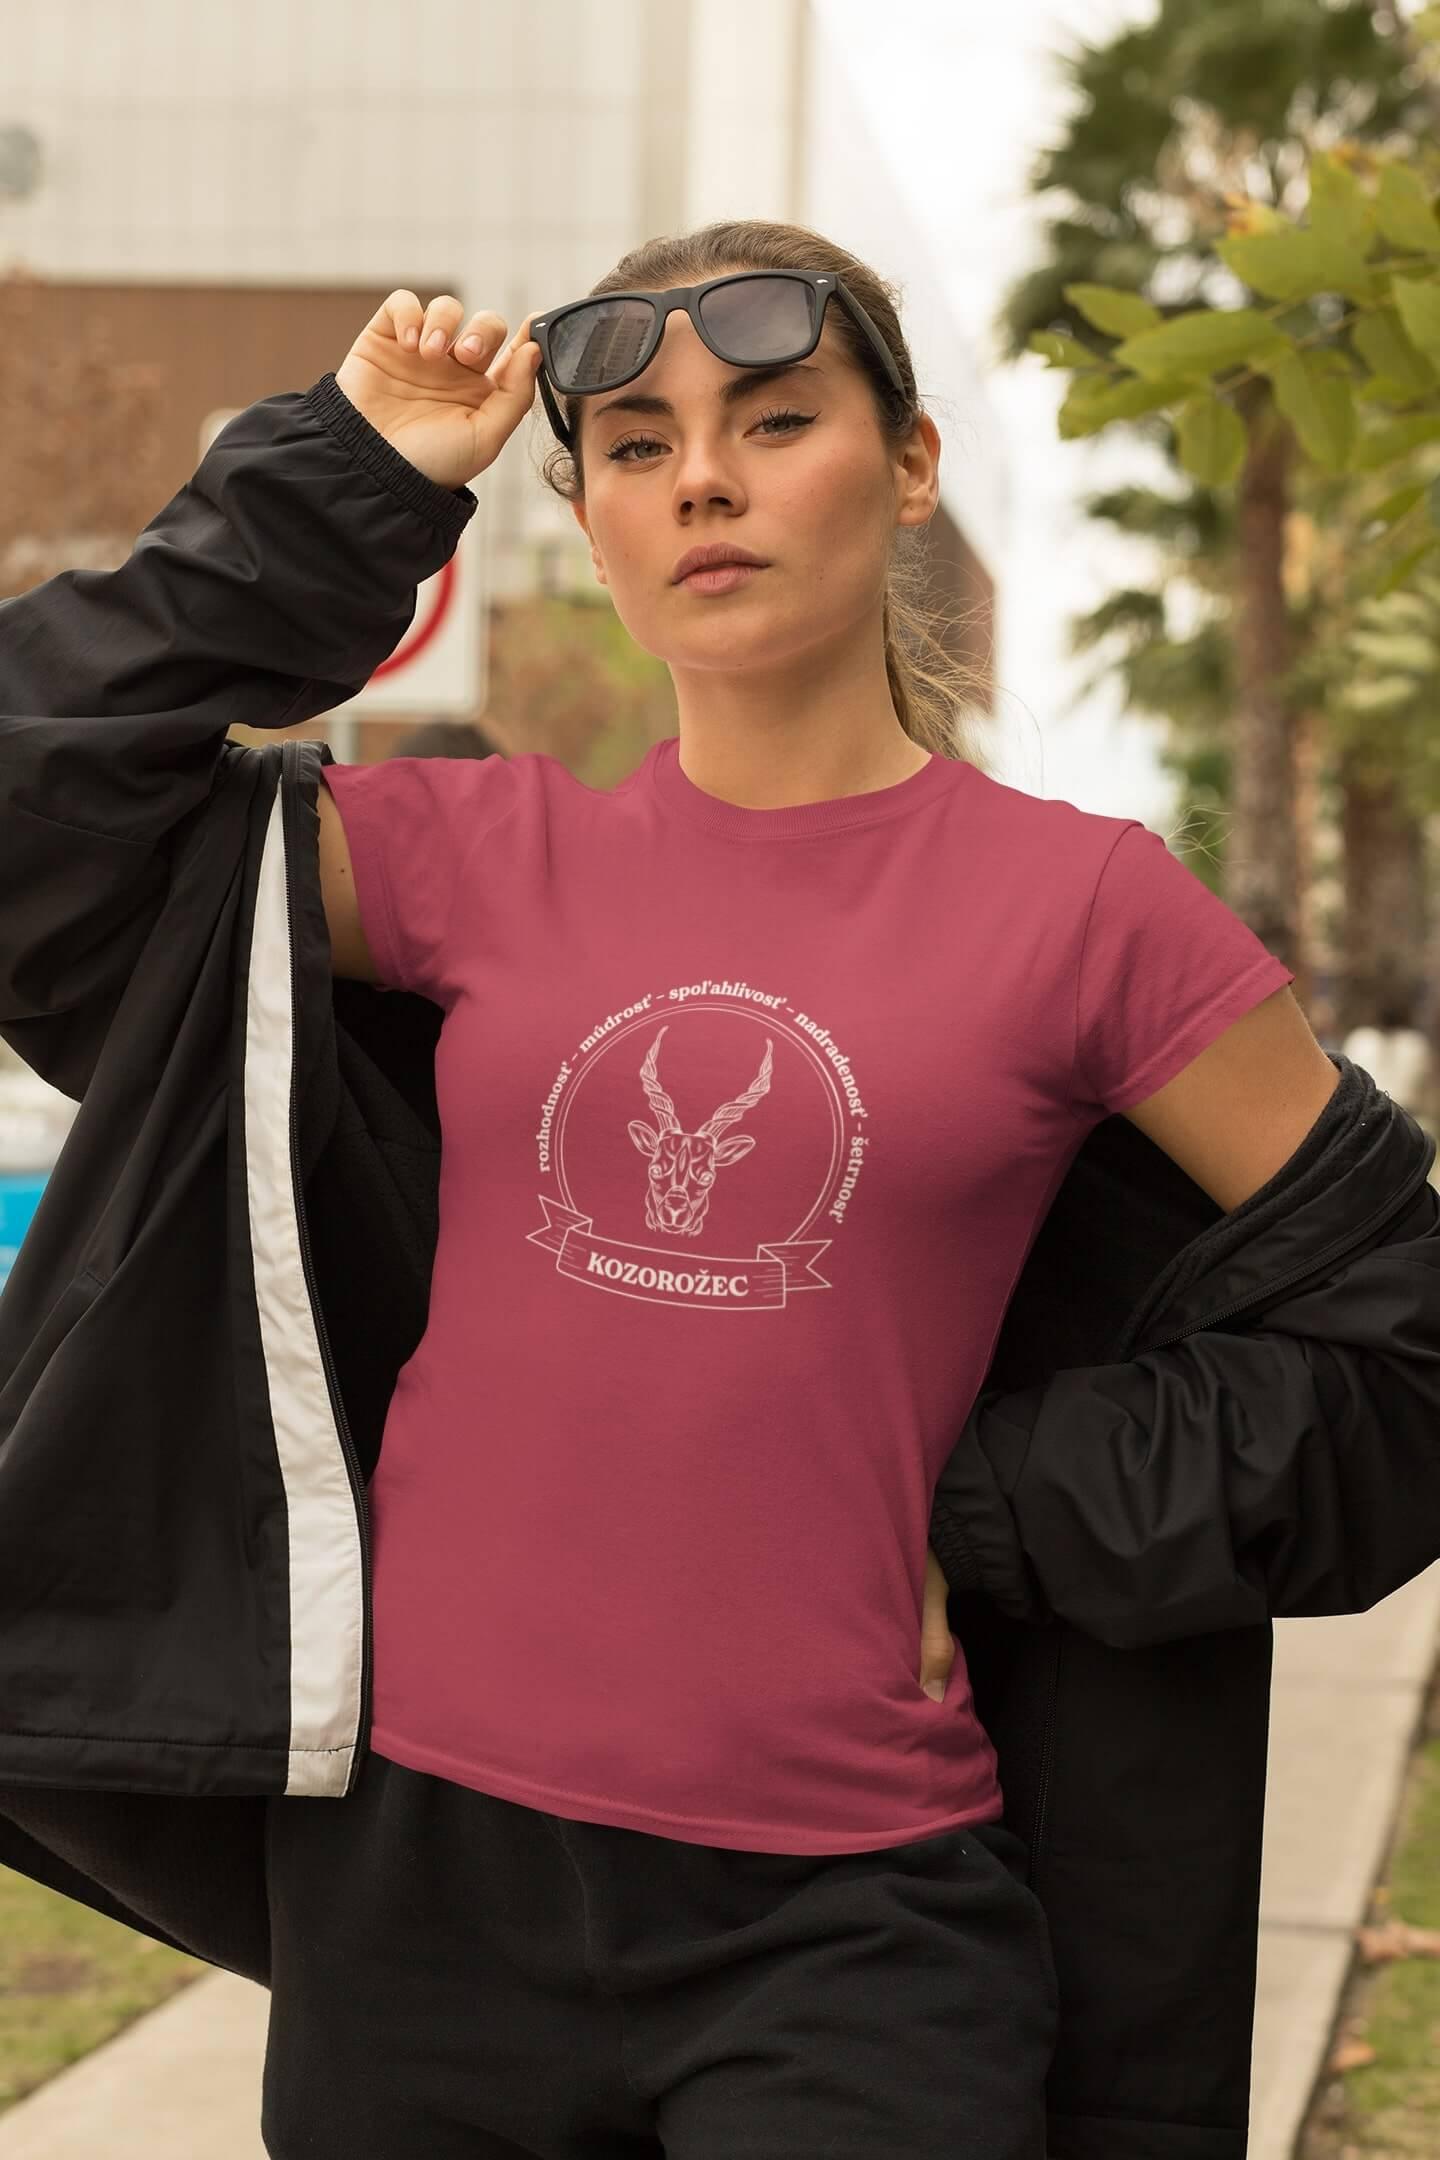 MMO Dámske tričko Kozorožec Vyberte farbu: Purpurová, Vyberte veľkosť: XS